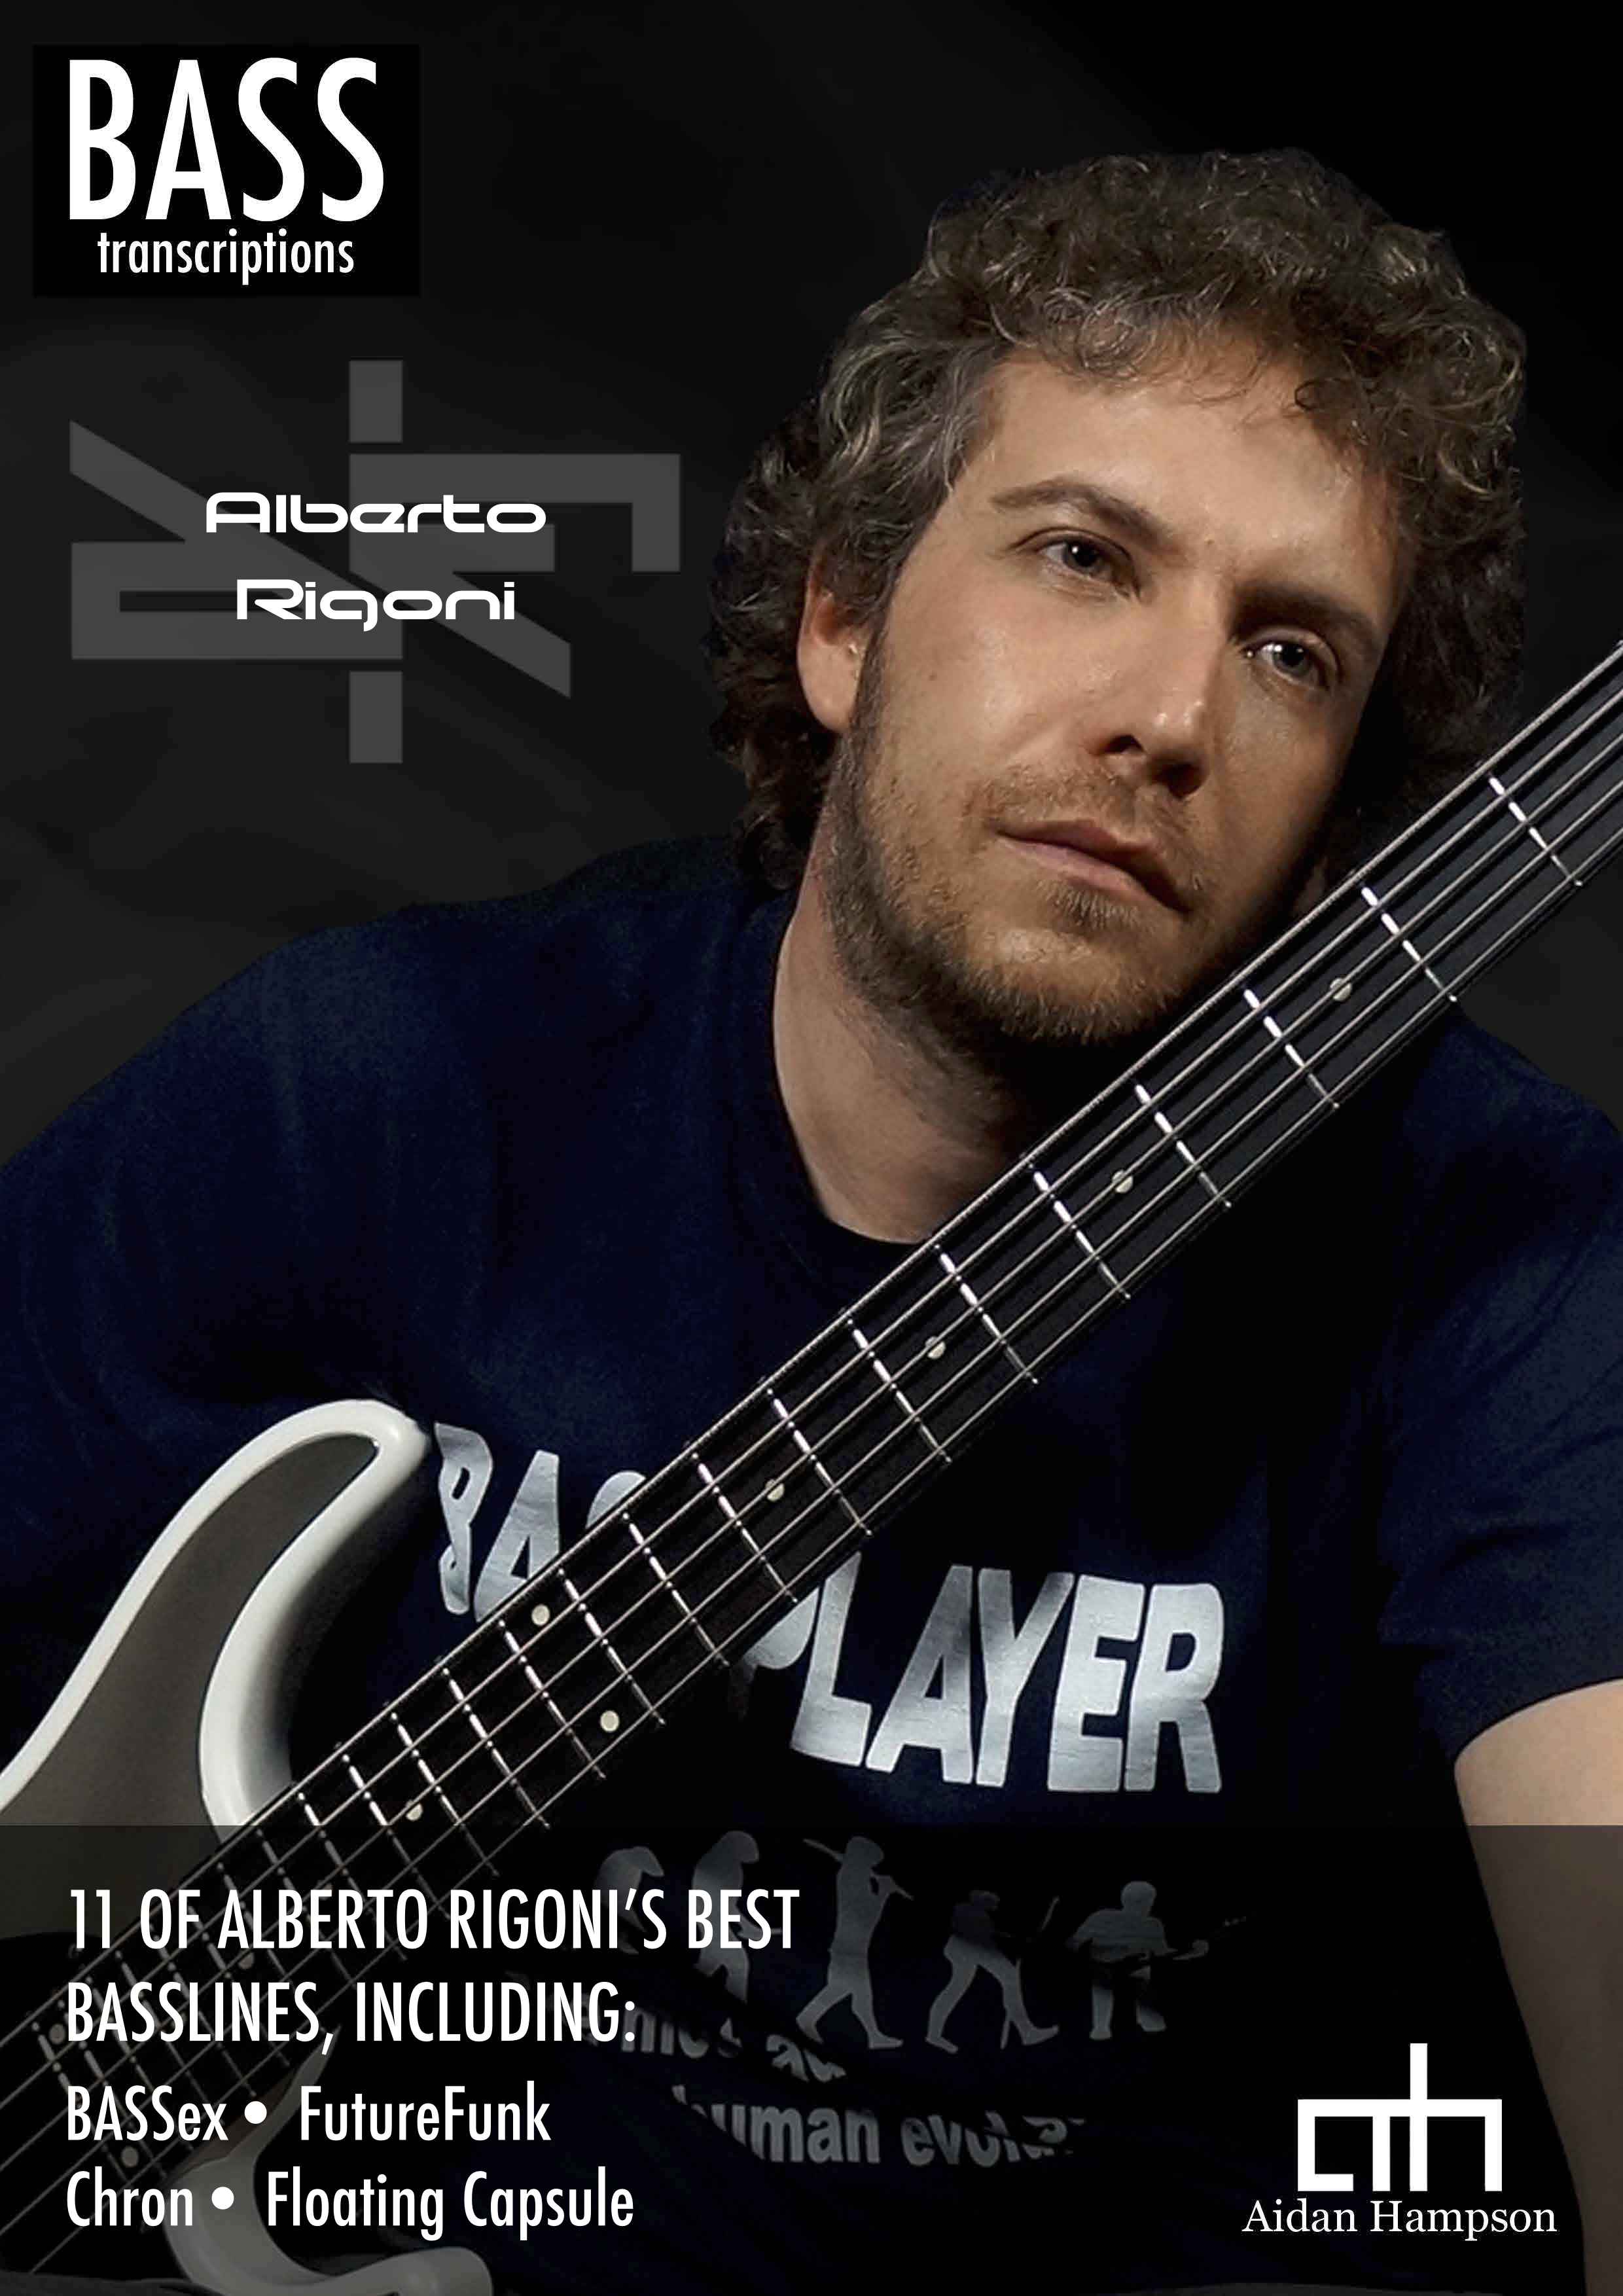 Alberto Rigoni